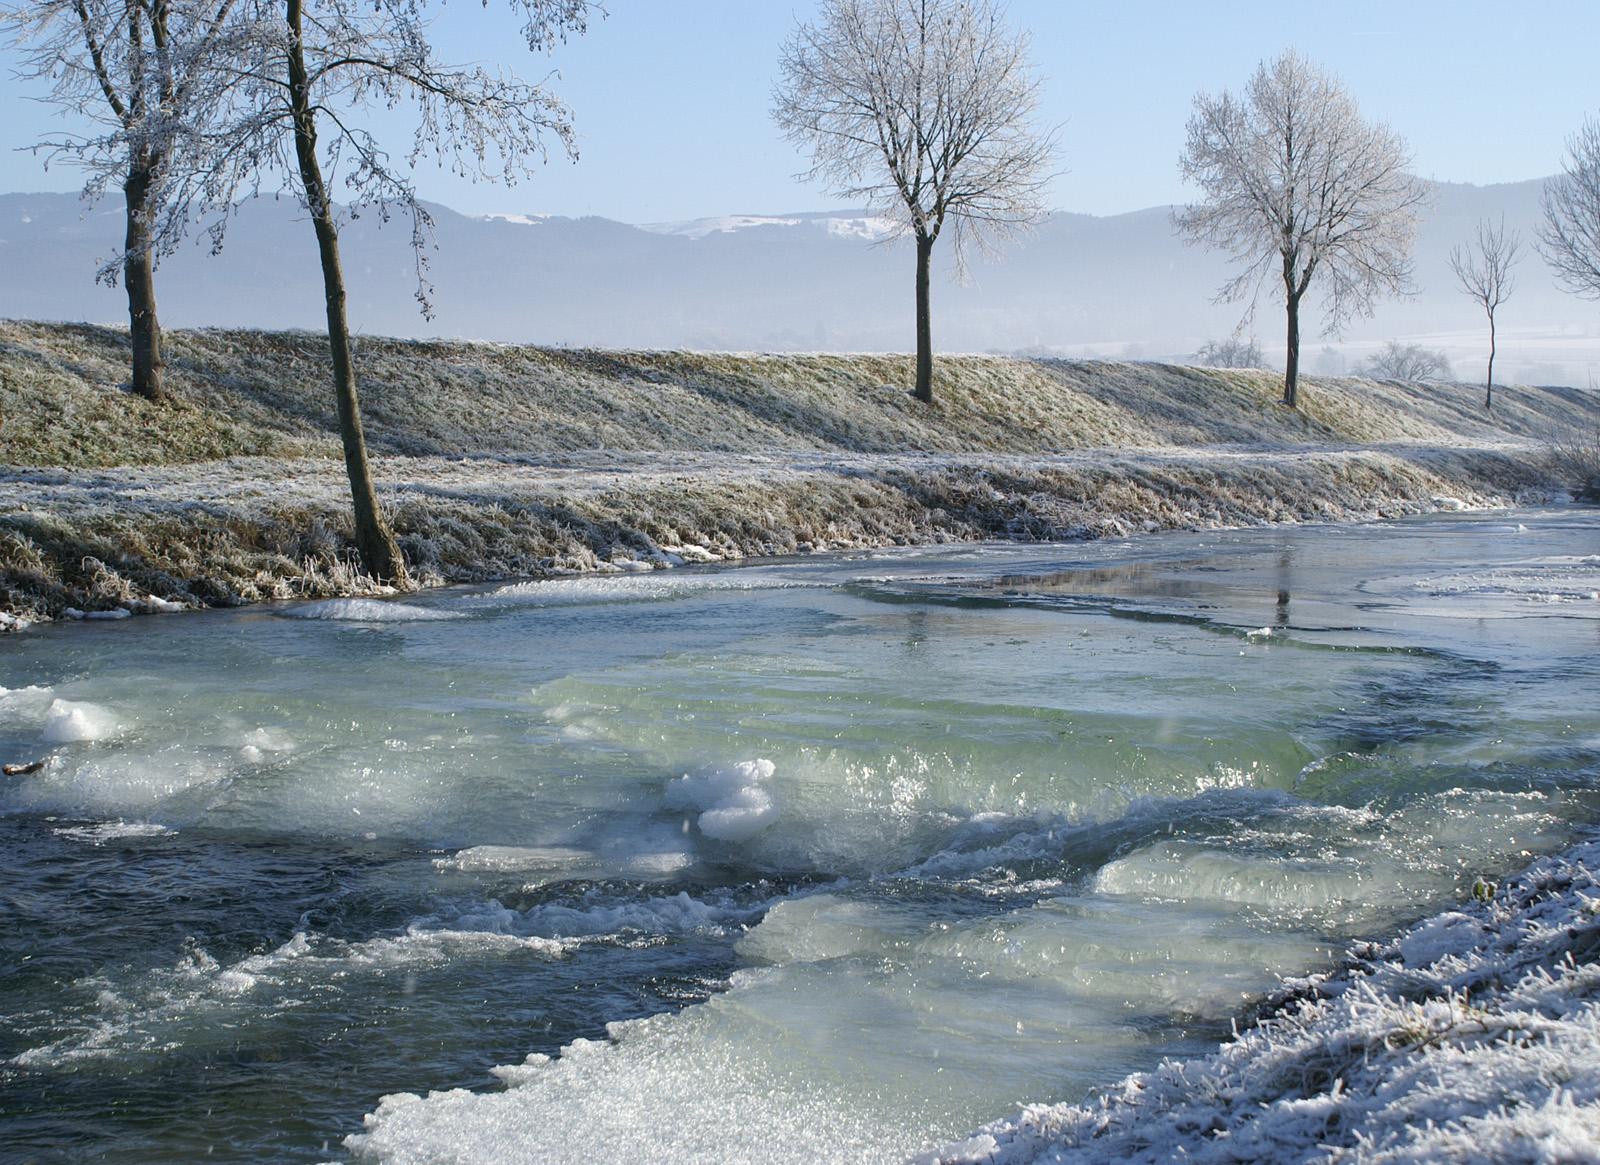 Winter in Bad Krozingen